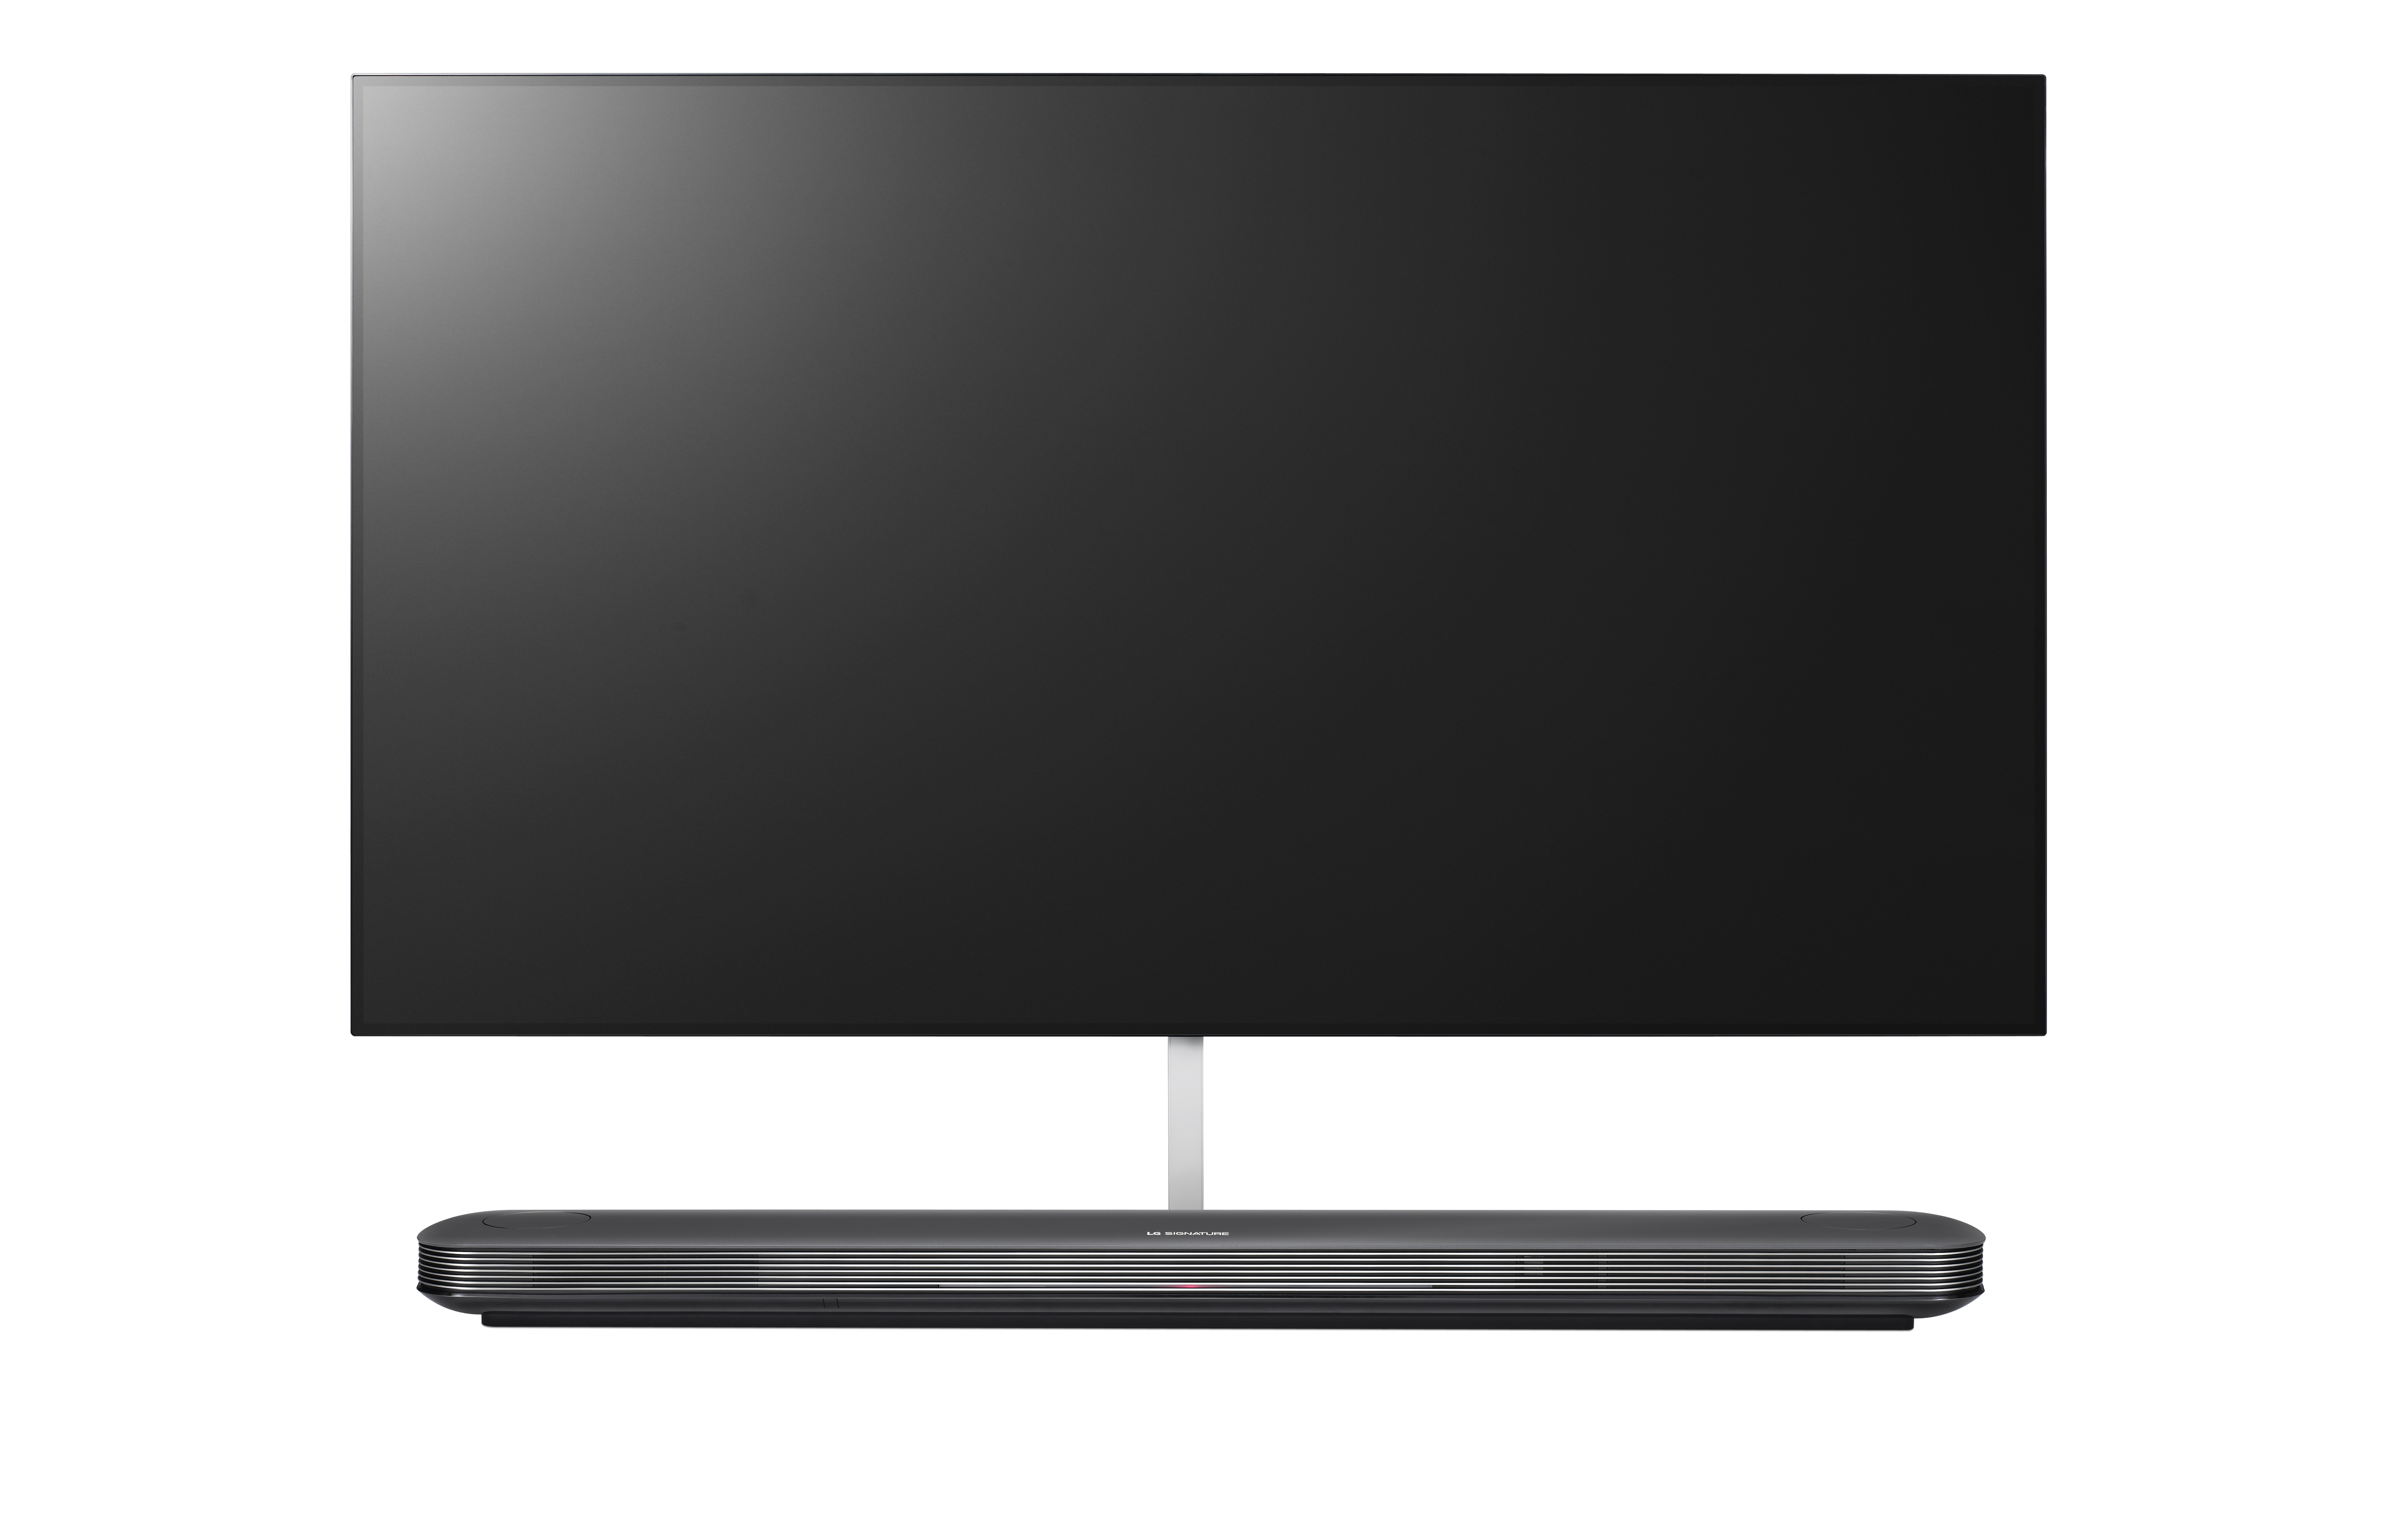 OLED TV image